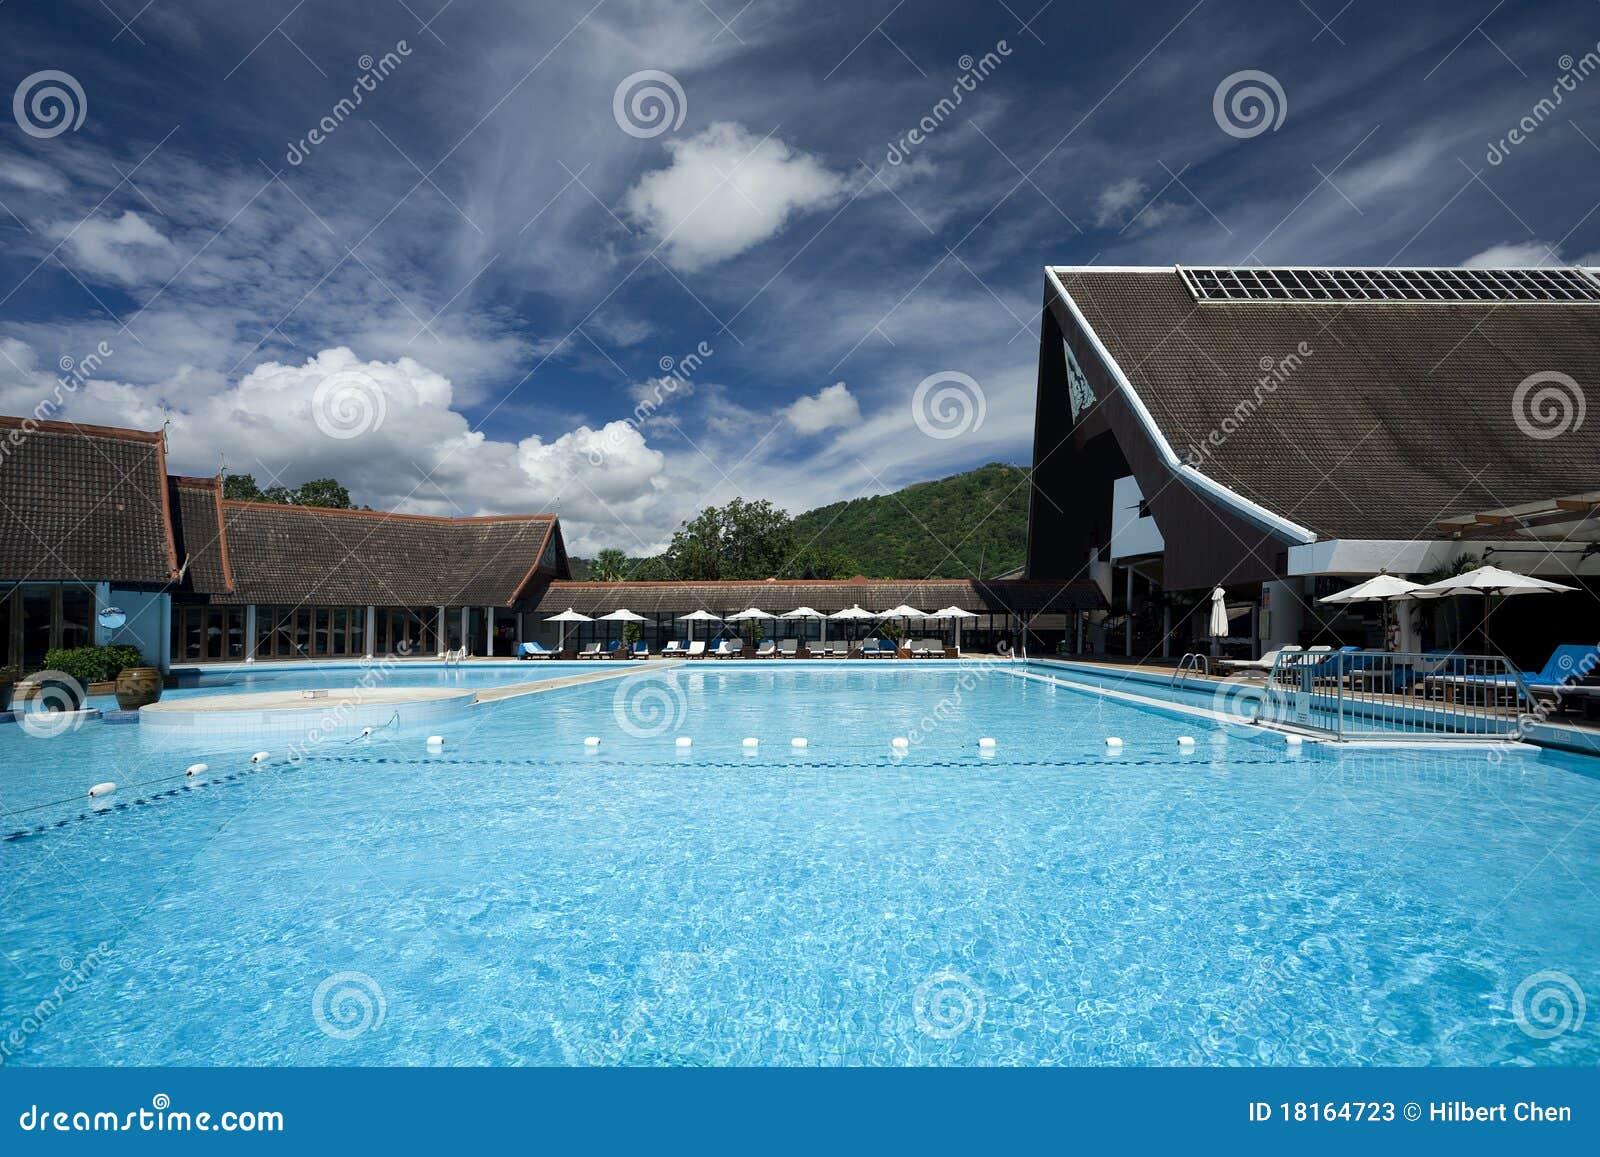 swimming pool resort in phuket stock photos   image 18164723